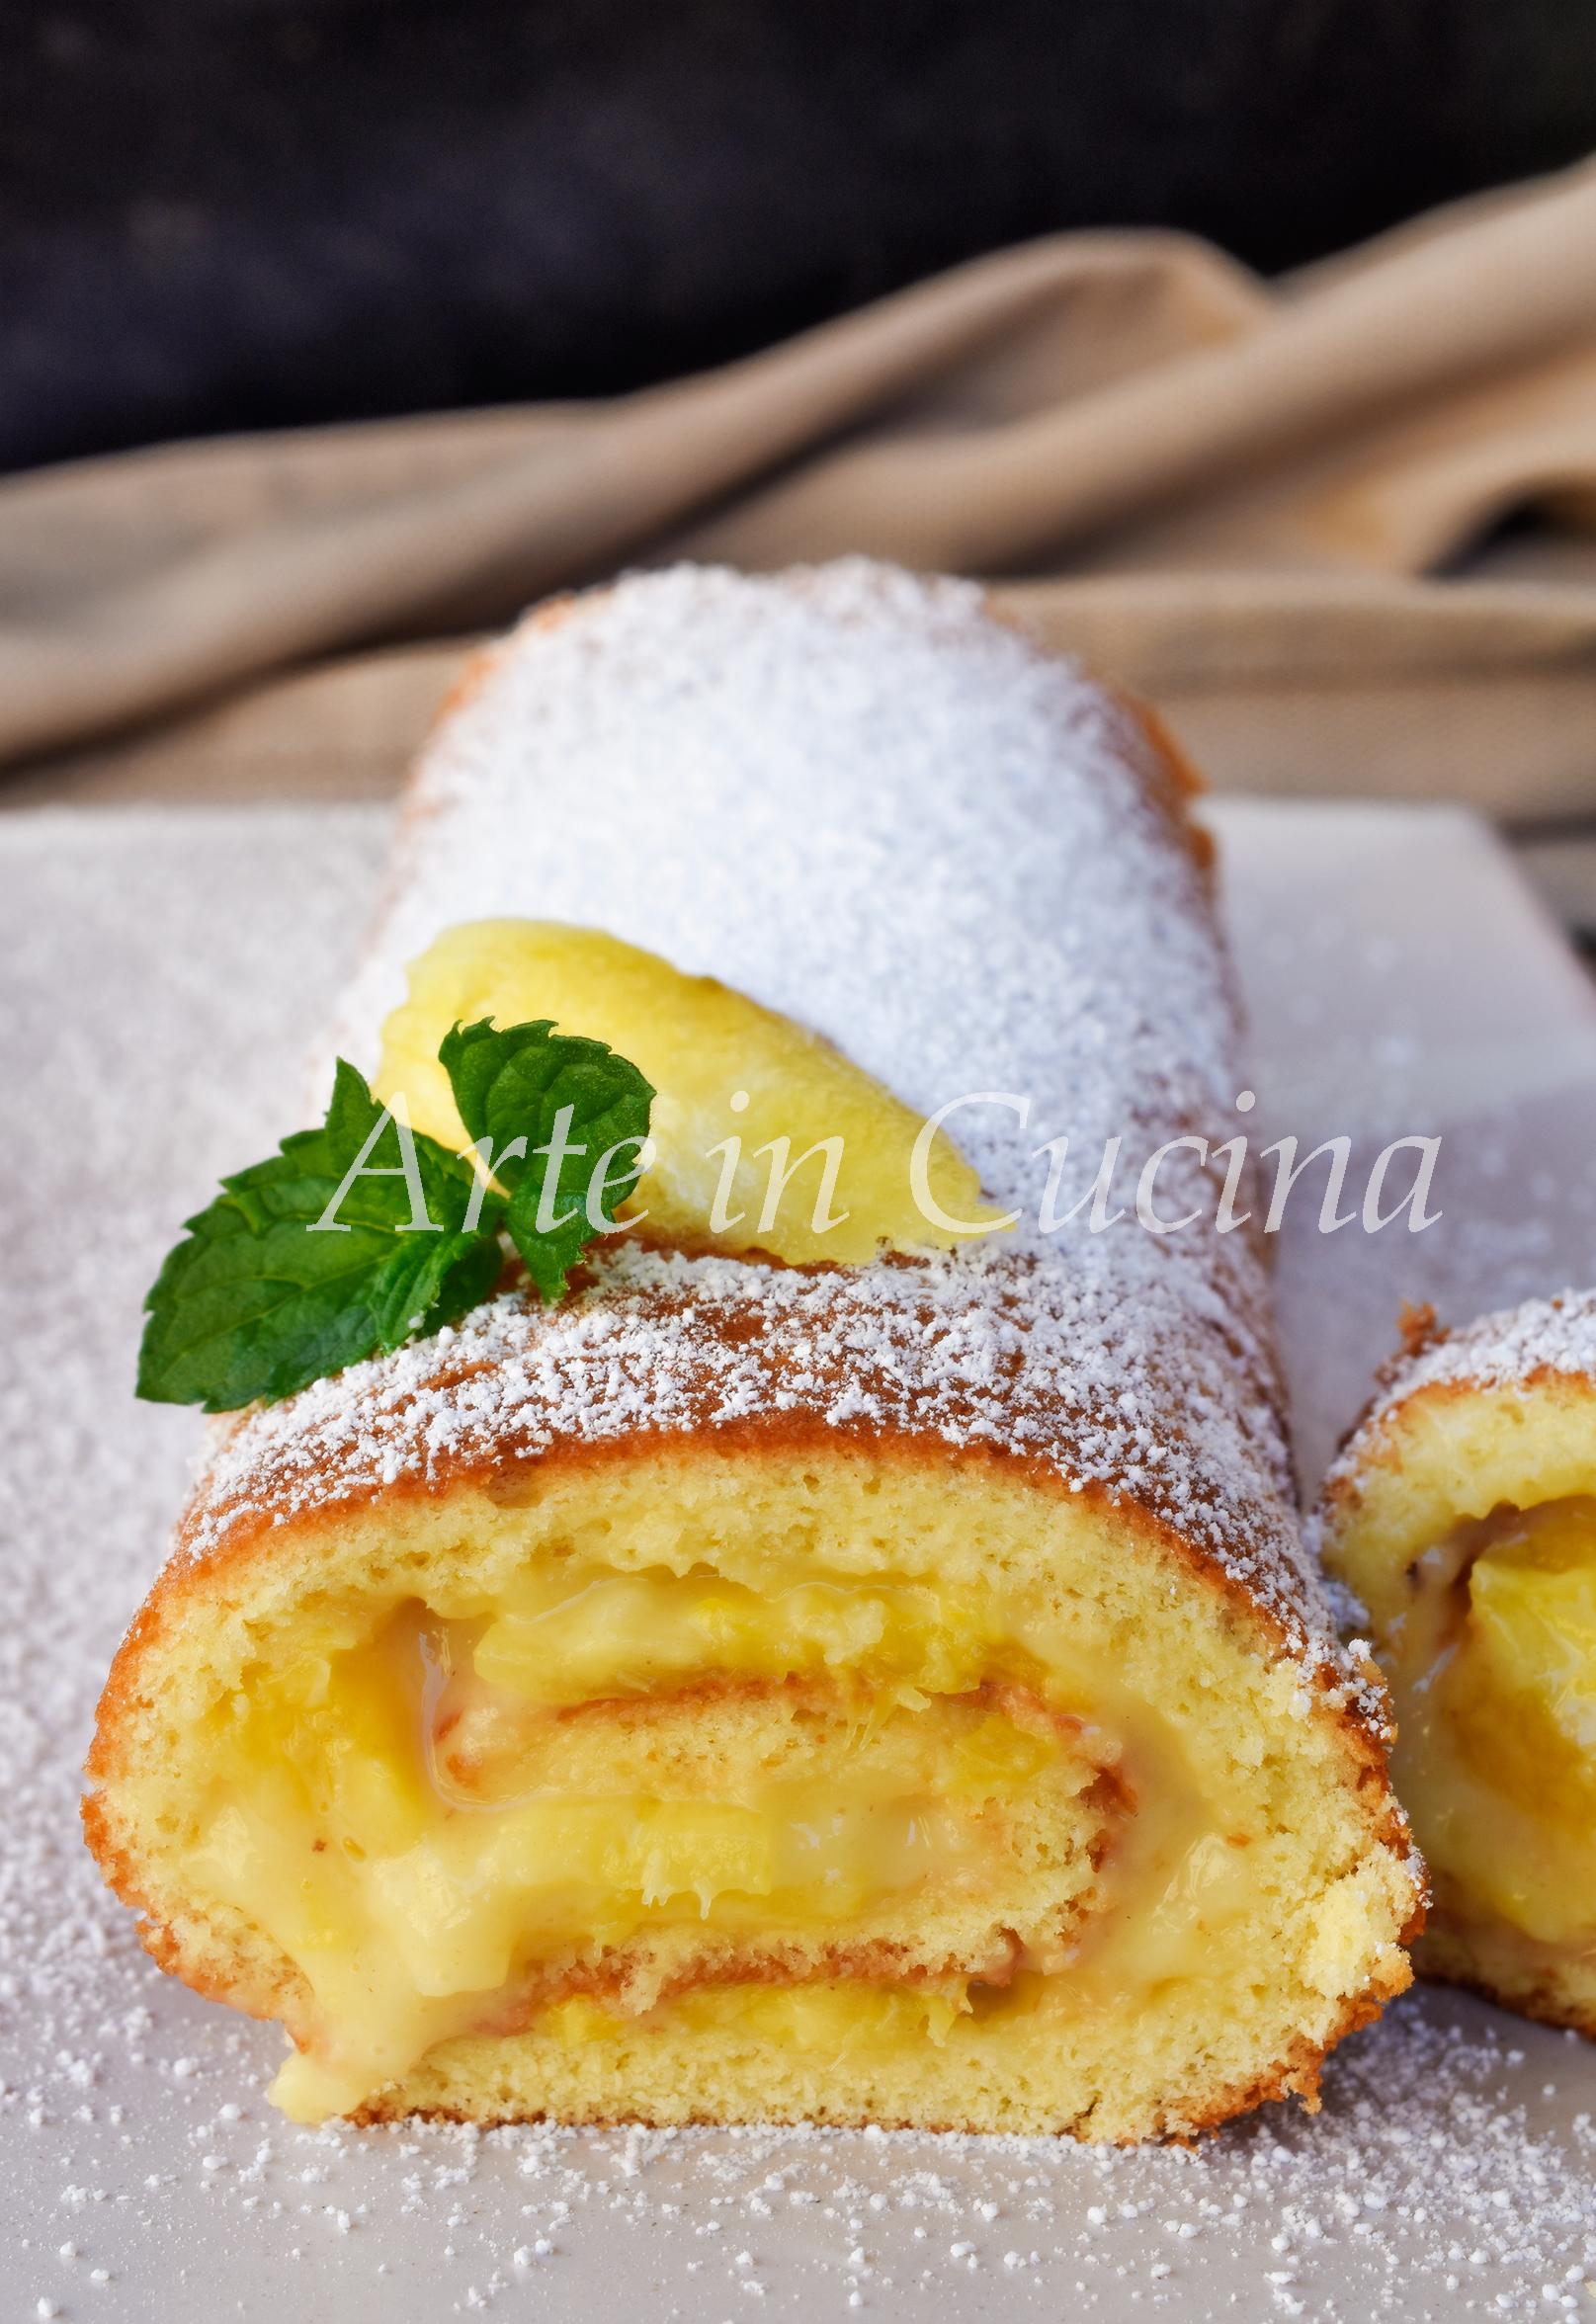 Rotolo ananas e crema pasticcera dolce veloce vickyart arte in cucina